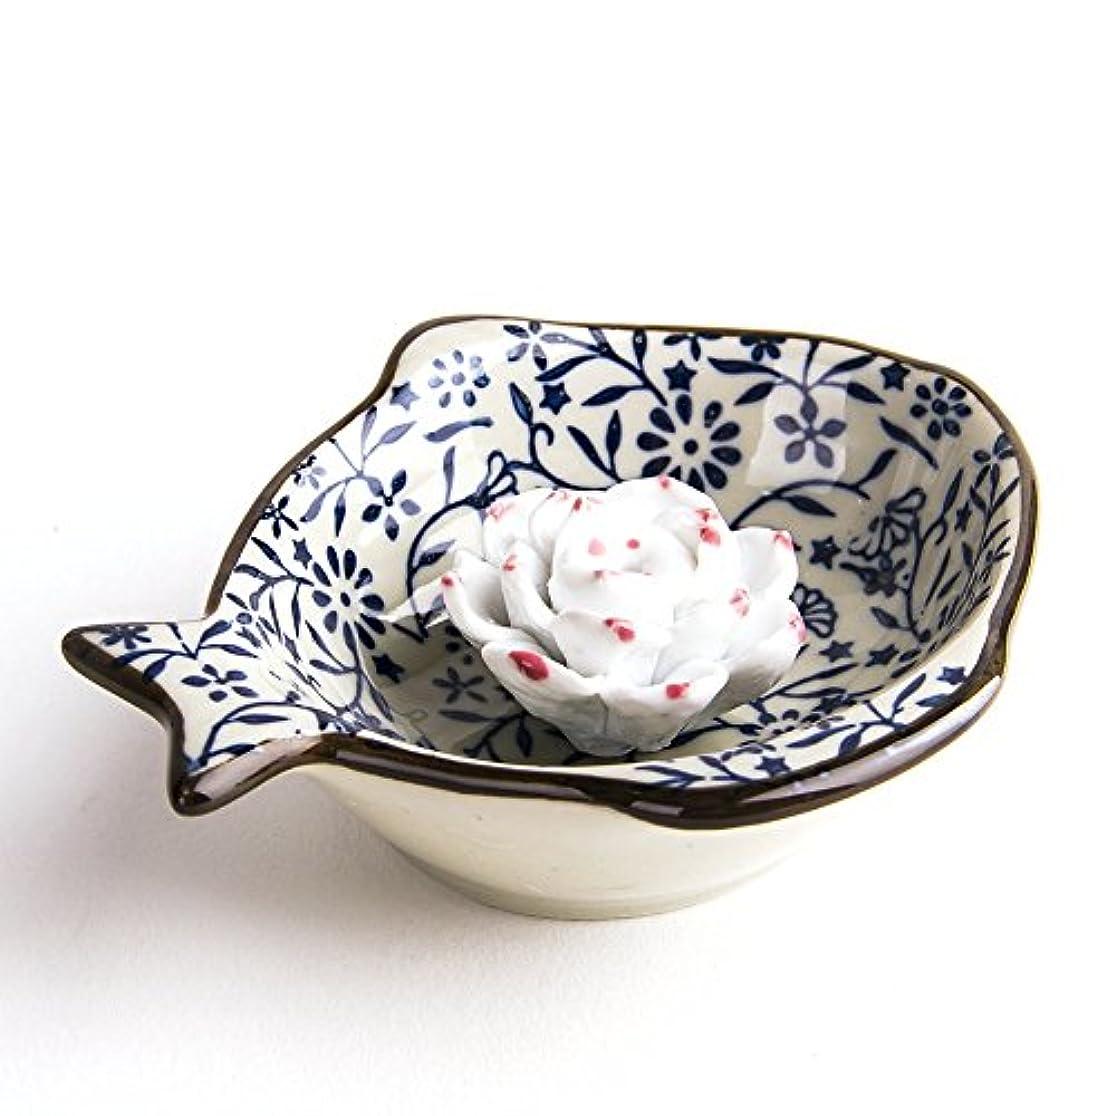 スローガン応答疑問を超えてお香立て お香たて 香の器 お香を焚いて 香皿,陶磁器、ブルー